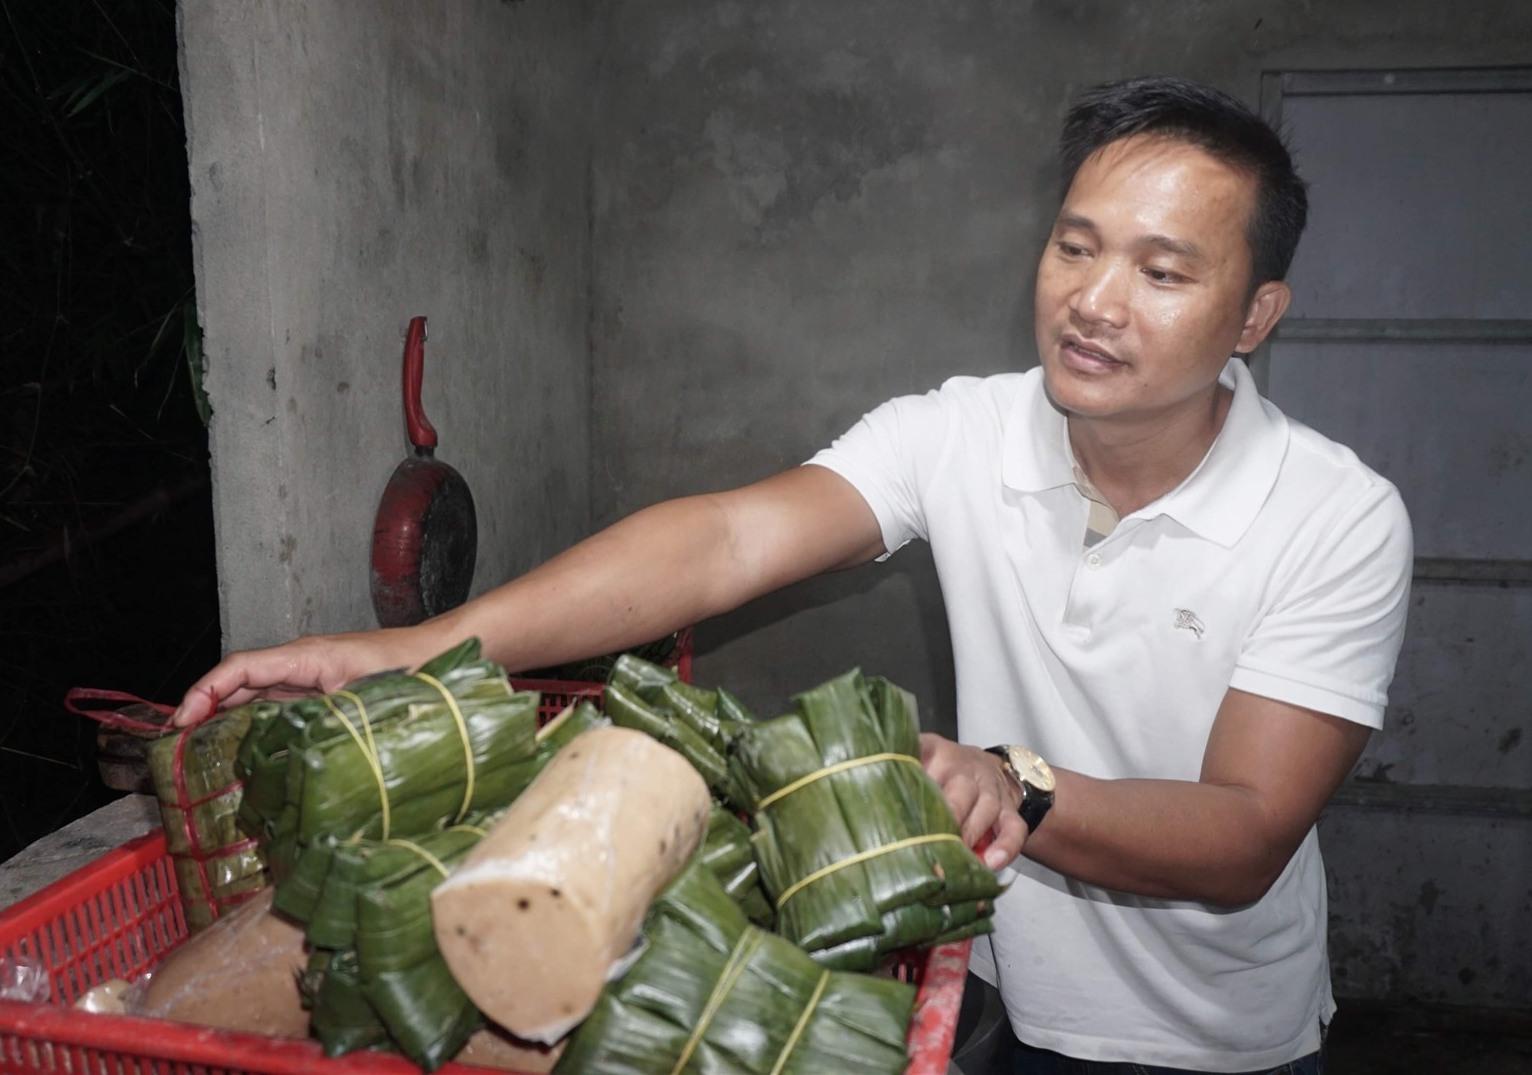 Anh Đặng Văn Tuấn vớt chả từ nồi hấp để giao cho thương lái từ 4 giờ sáng. (Ảnh: N.Trang)